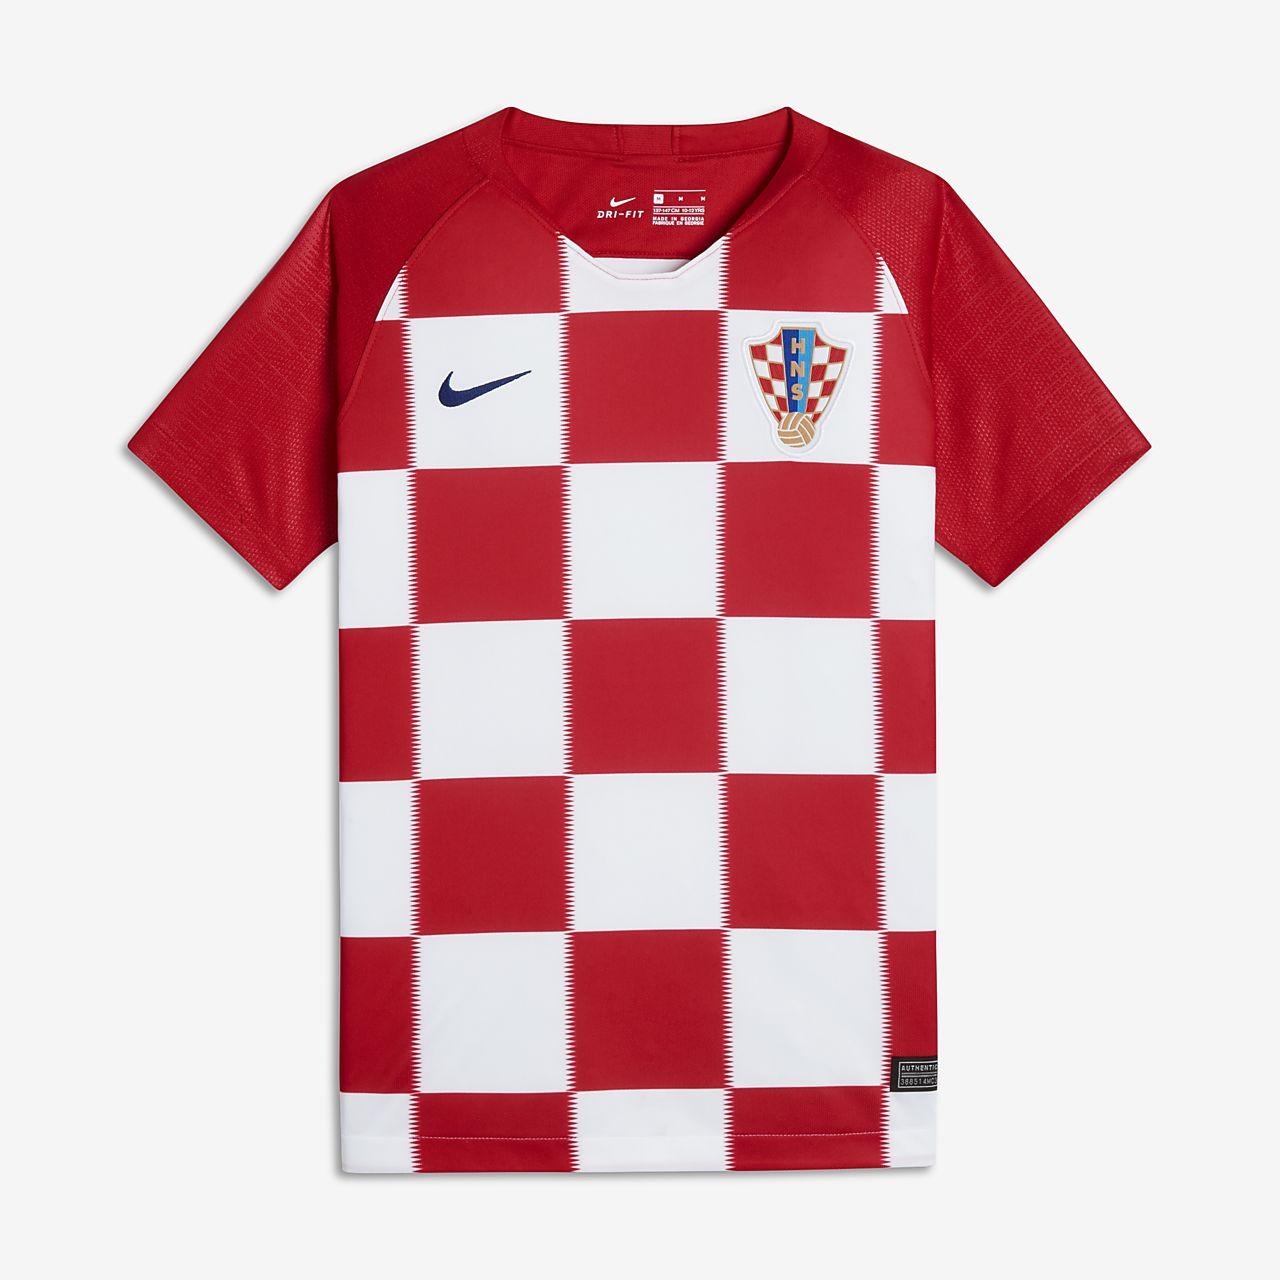 2018 Croatia Stadium Home Voetbalshirt voor kids